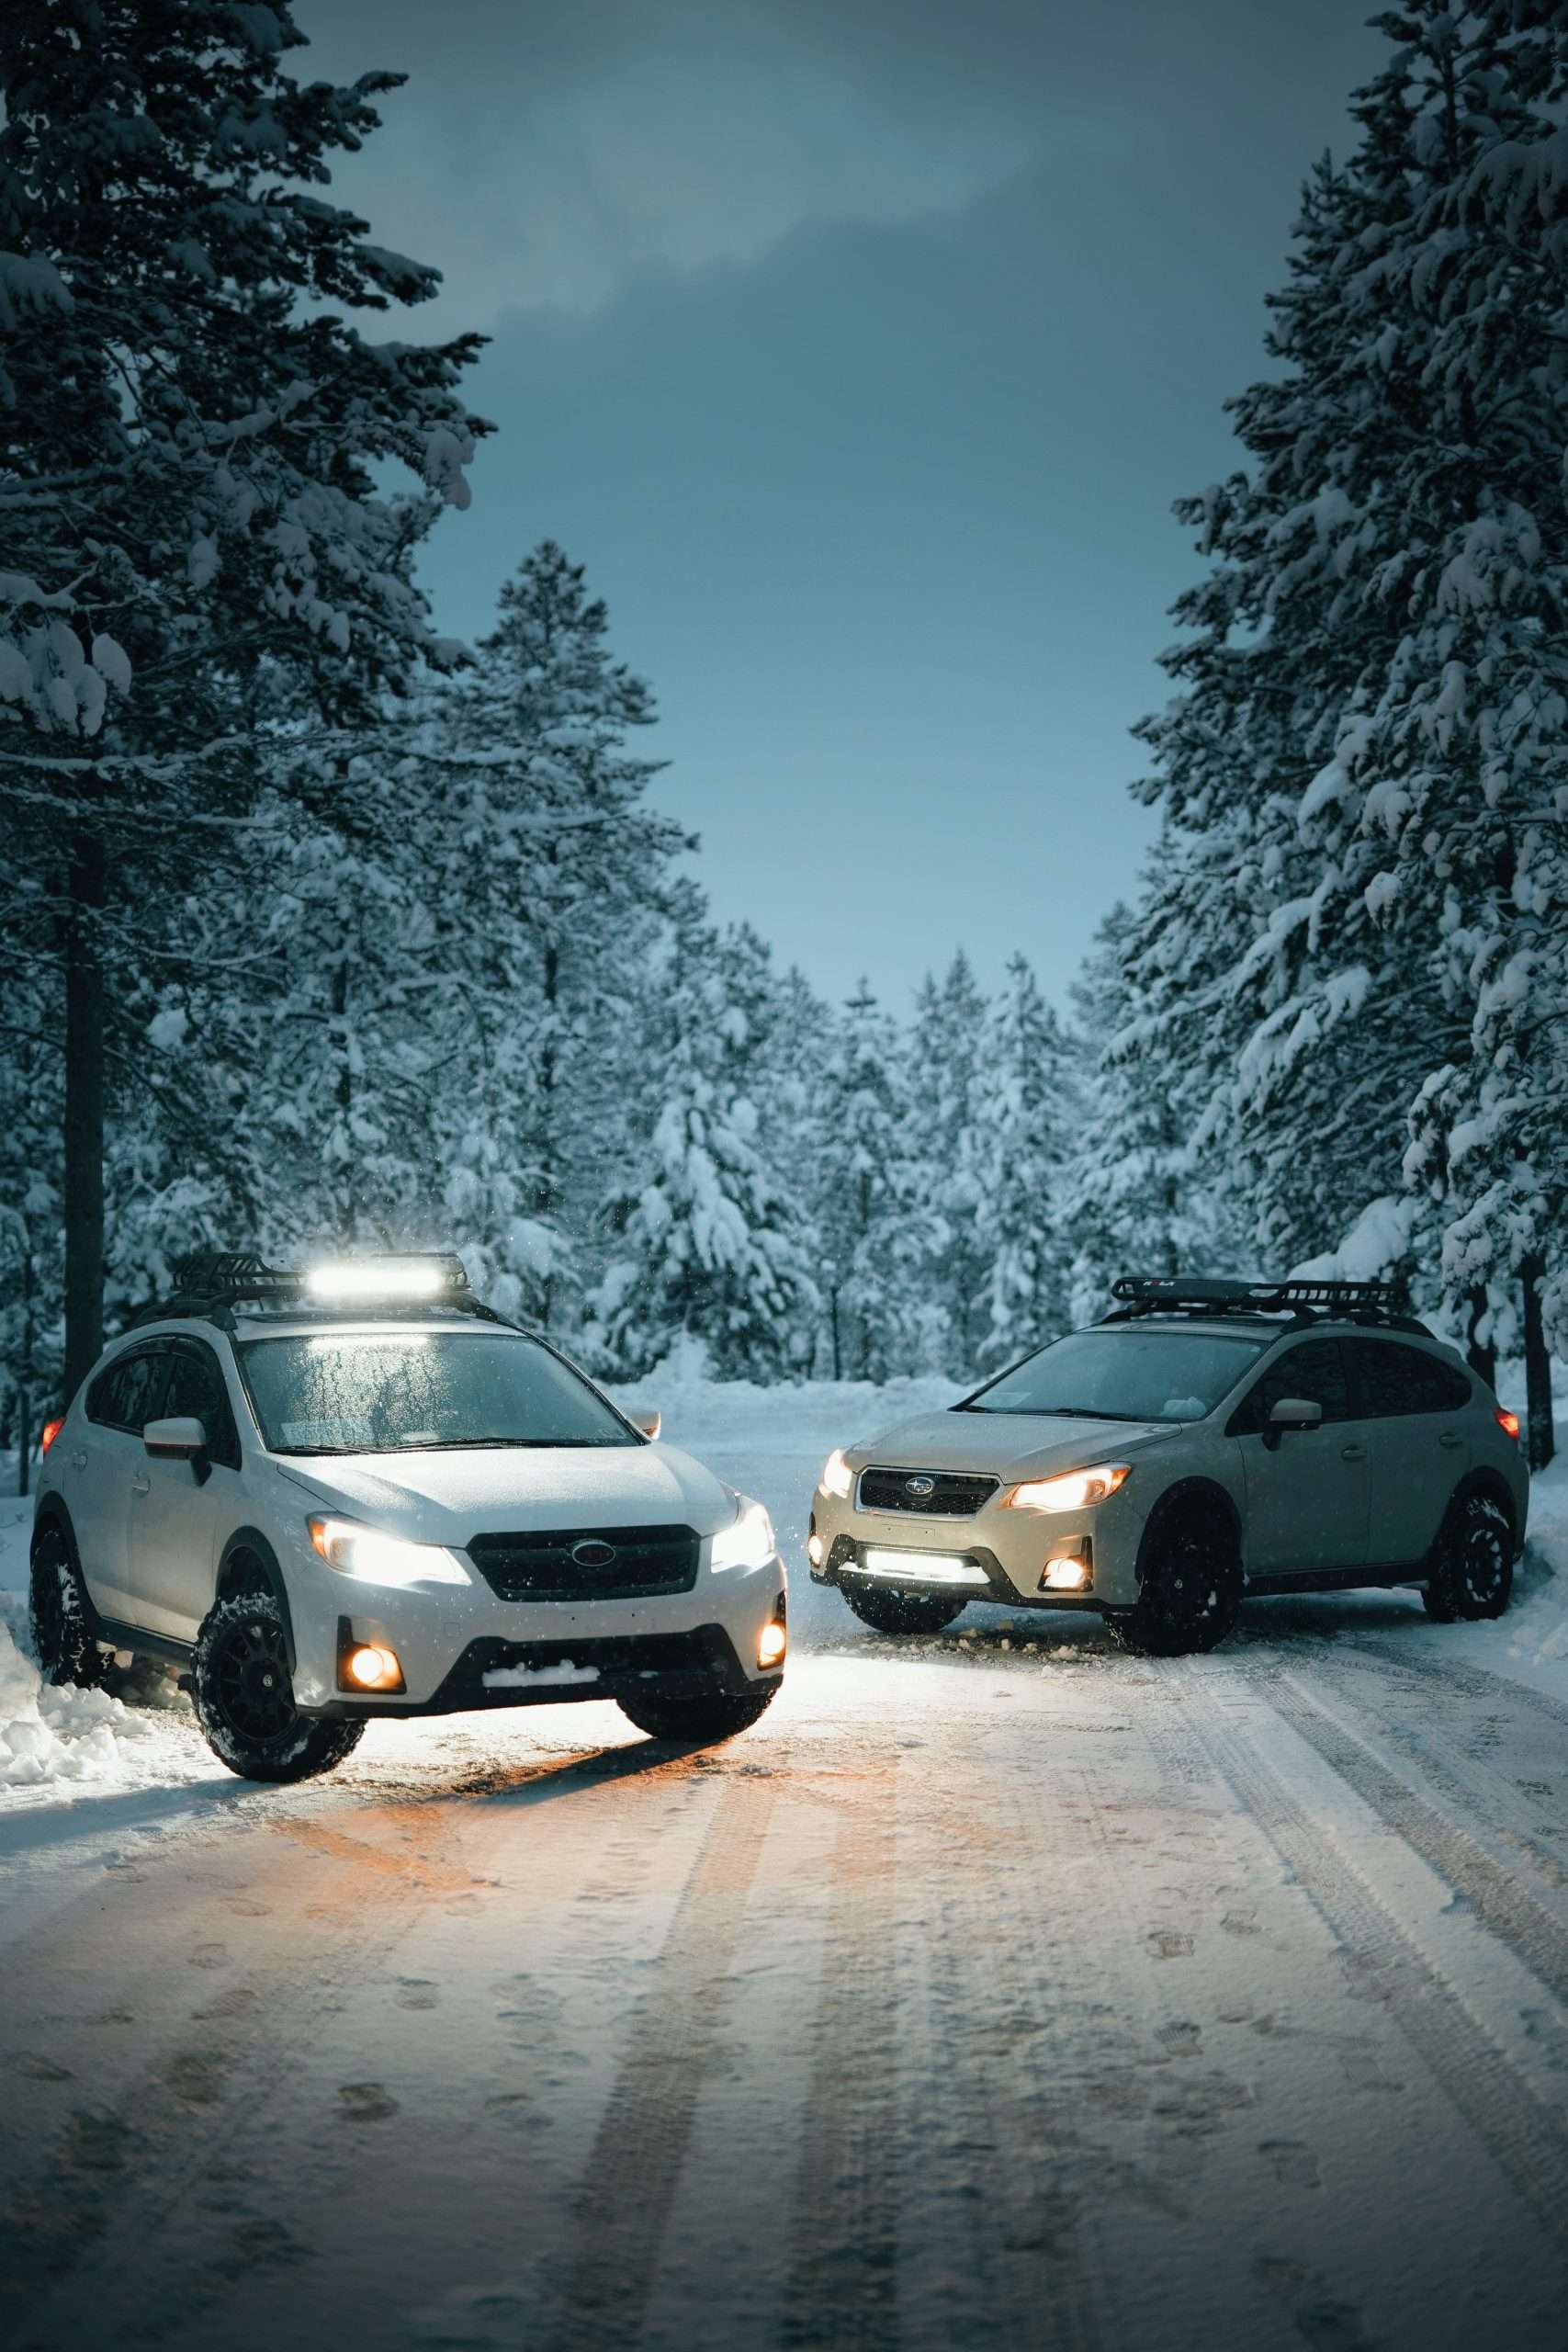 Two cars with ski racks